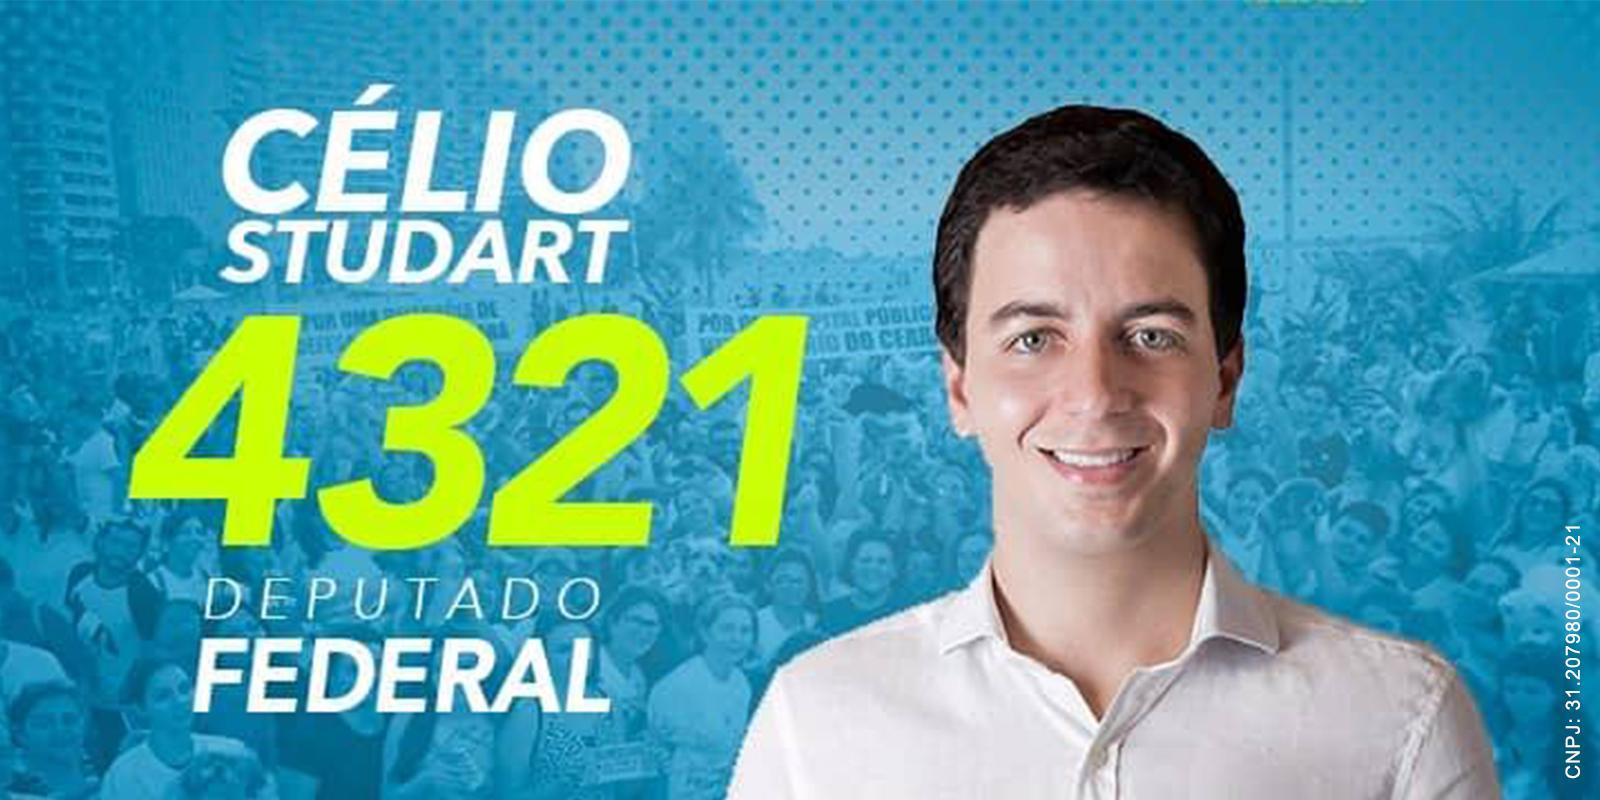 Conheça o Candidato a Deputado Federal pelo PV Célio Studart